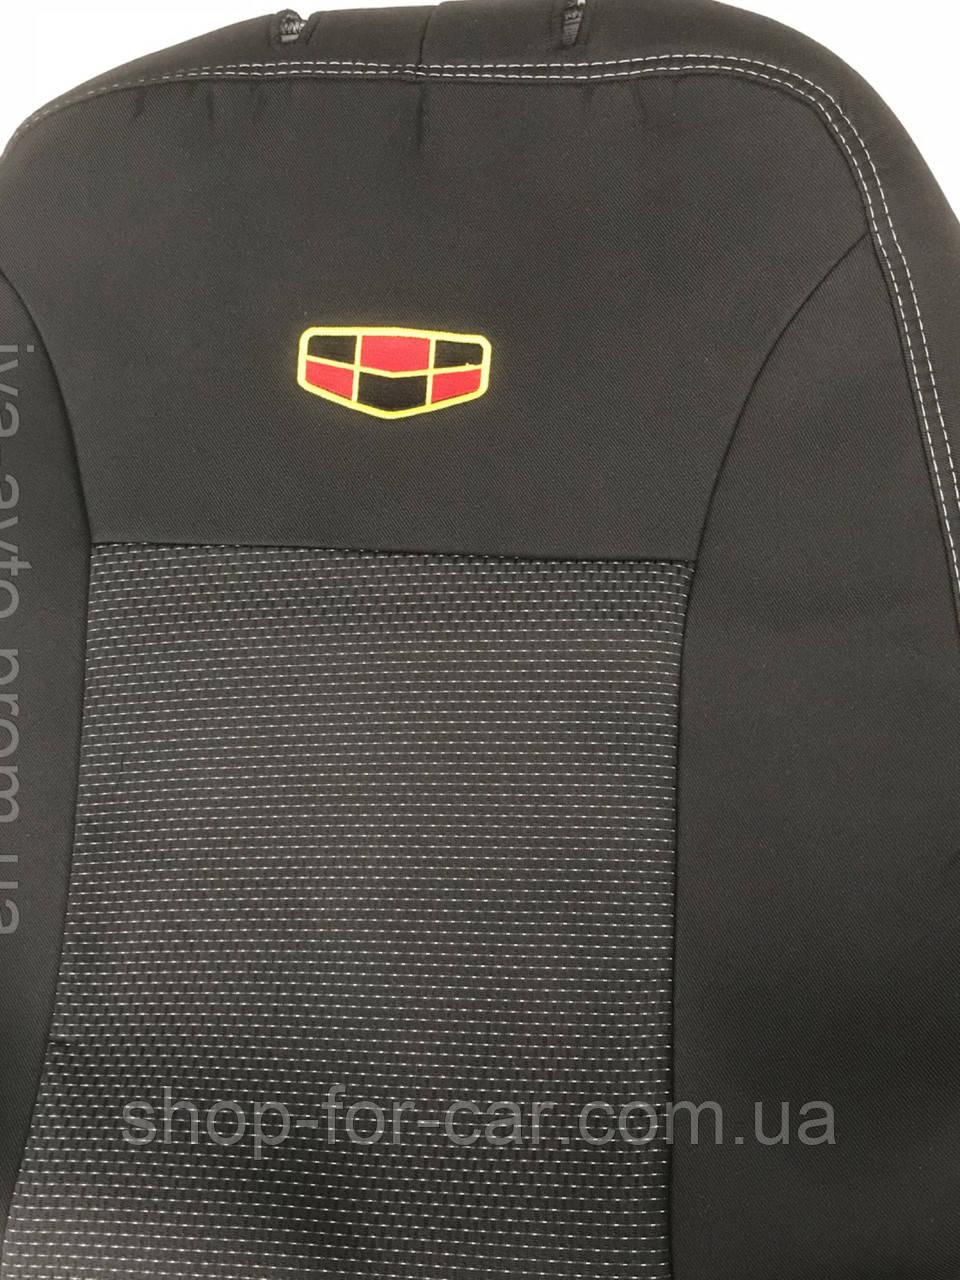 ae08f3ef1d90 Авточехлы Geely X7 EMC- Elegant, цена 1 500 грн., купить в Харькове ...